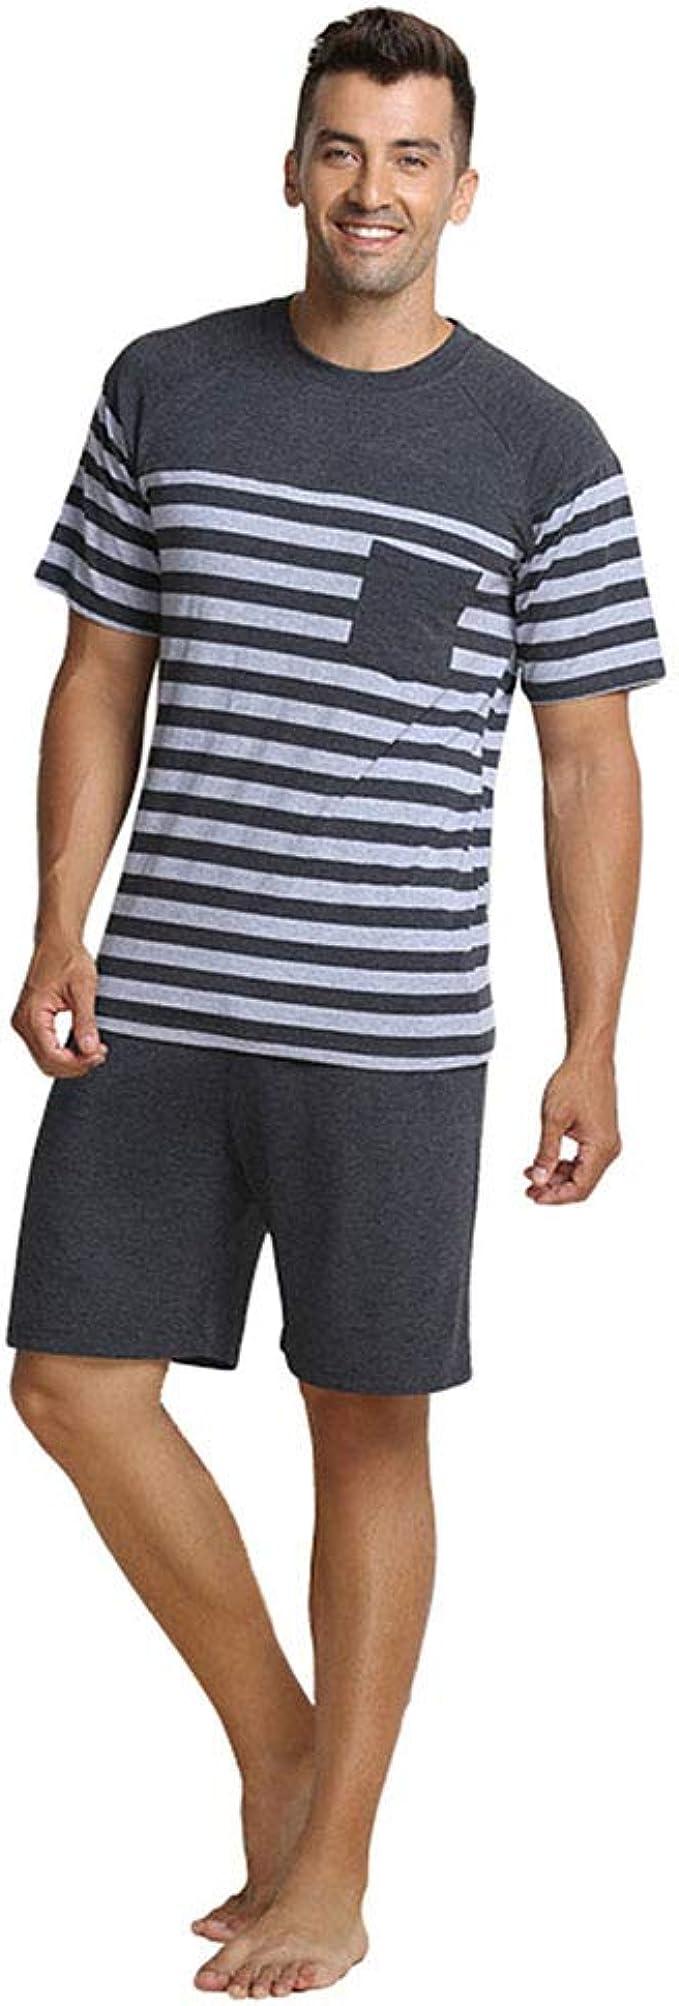 QianXiu Verano Conjunto de Ropa de Dormir Pijamas para Hombre Ropa ...